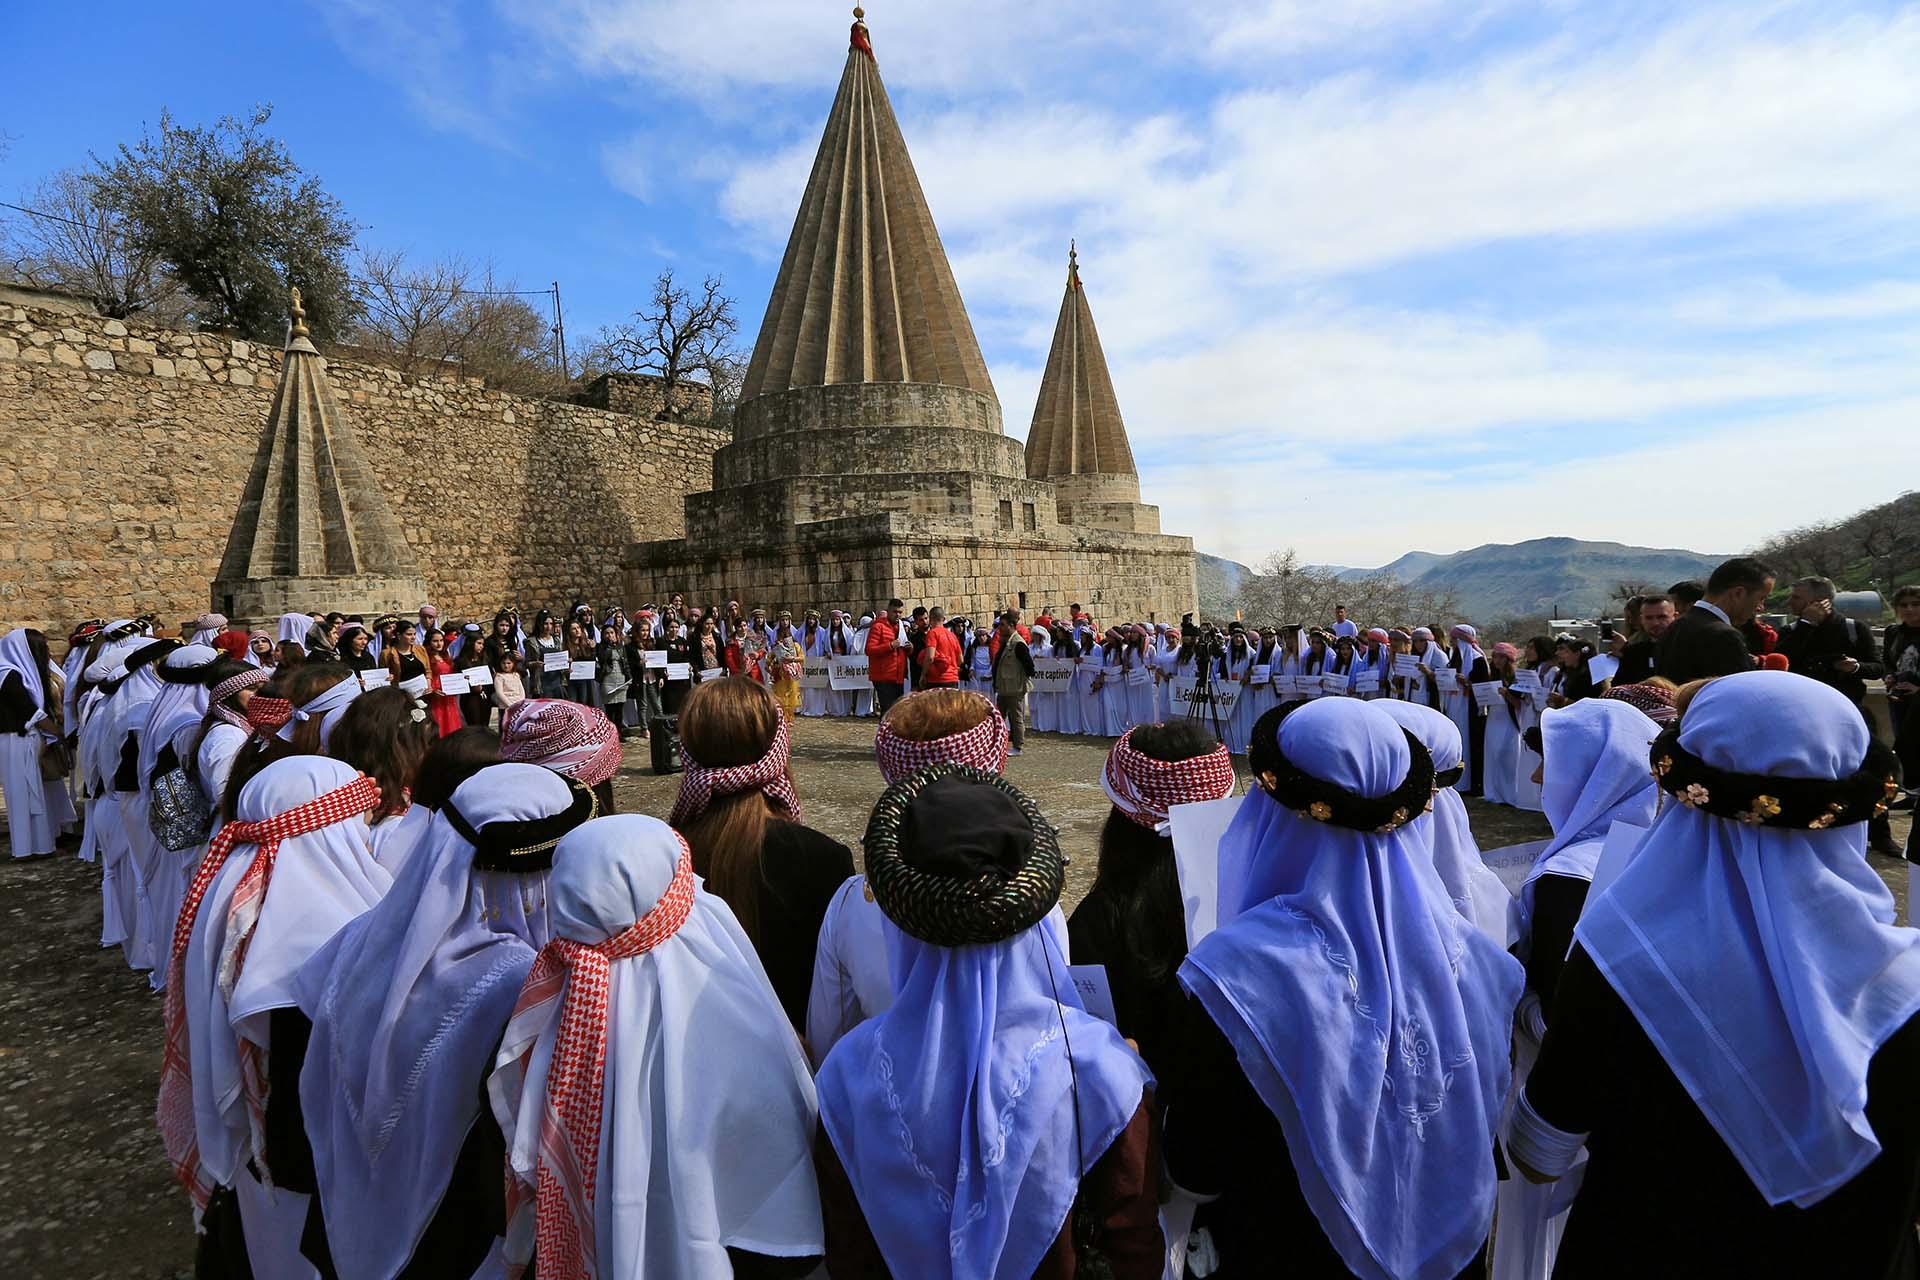 Mujeres yazidíes participan de una ceremonia en el Templo Lilash en memoria de las mujeres asesinadas y secuestradas por el Estados Islámico en el norte de Irak (March 8, 2019. REUTERS/Ari Jalal)